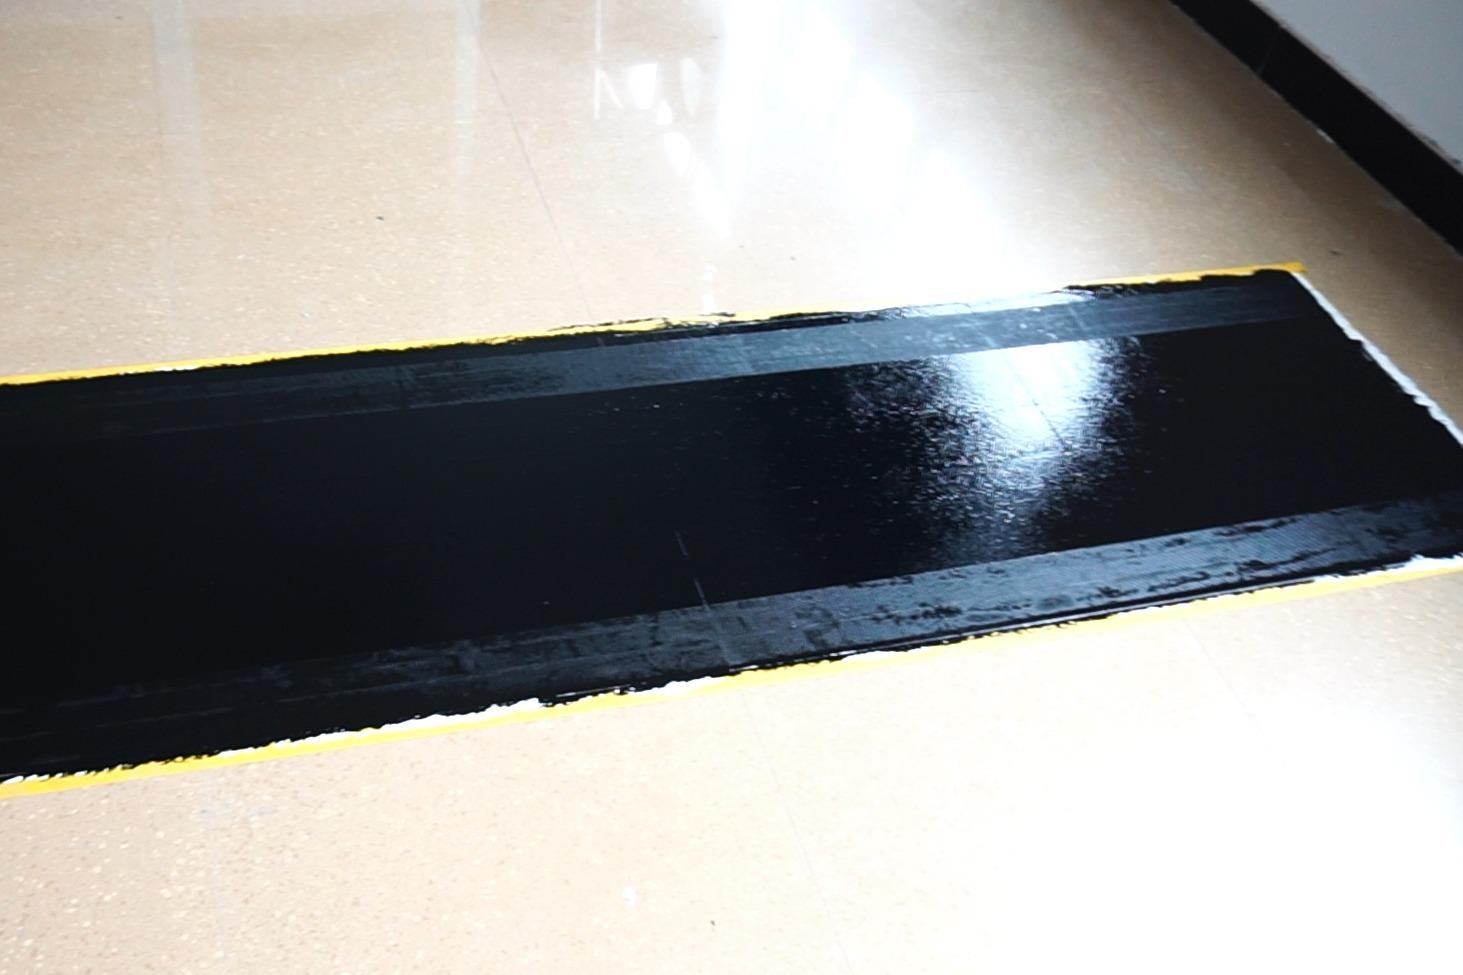 刷出来的温暖—壹涂碳纤维发热涂料涂刷发热涂料